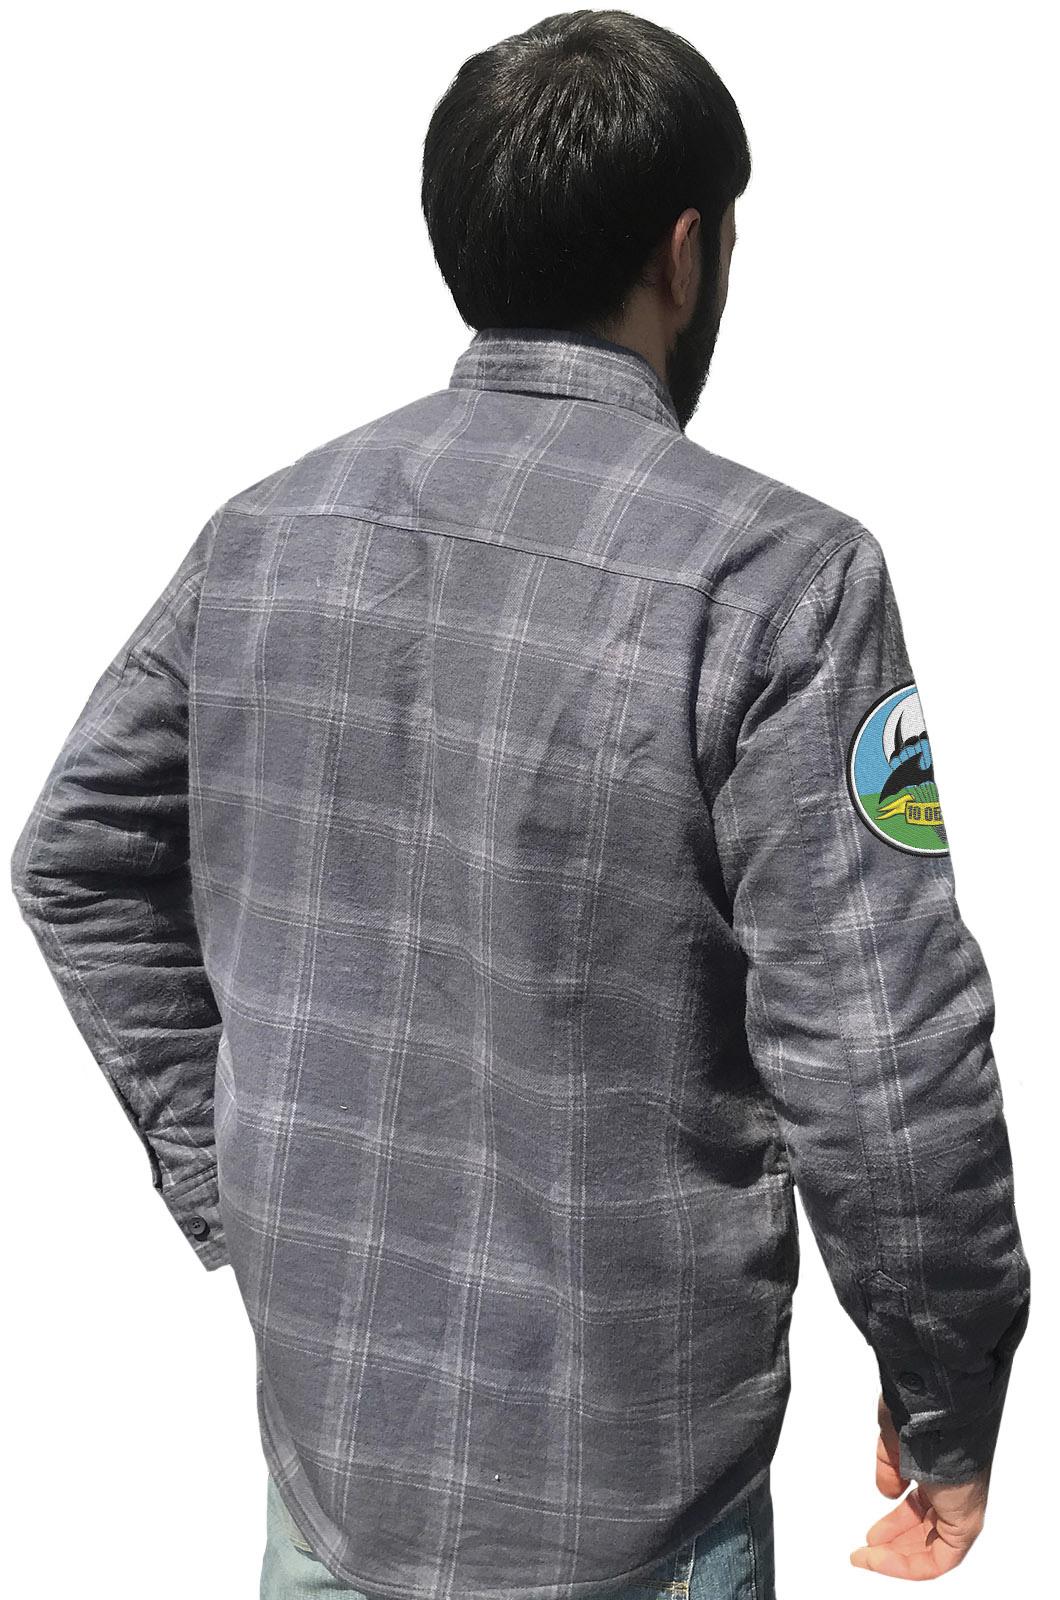 Мужская рубашка 10 ОБрСпН заказать с доставкой и самовывозом